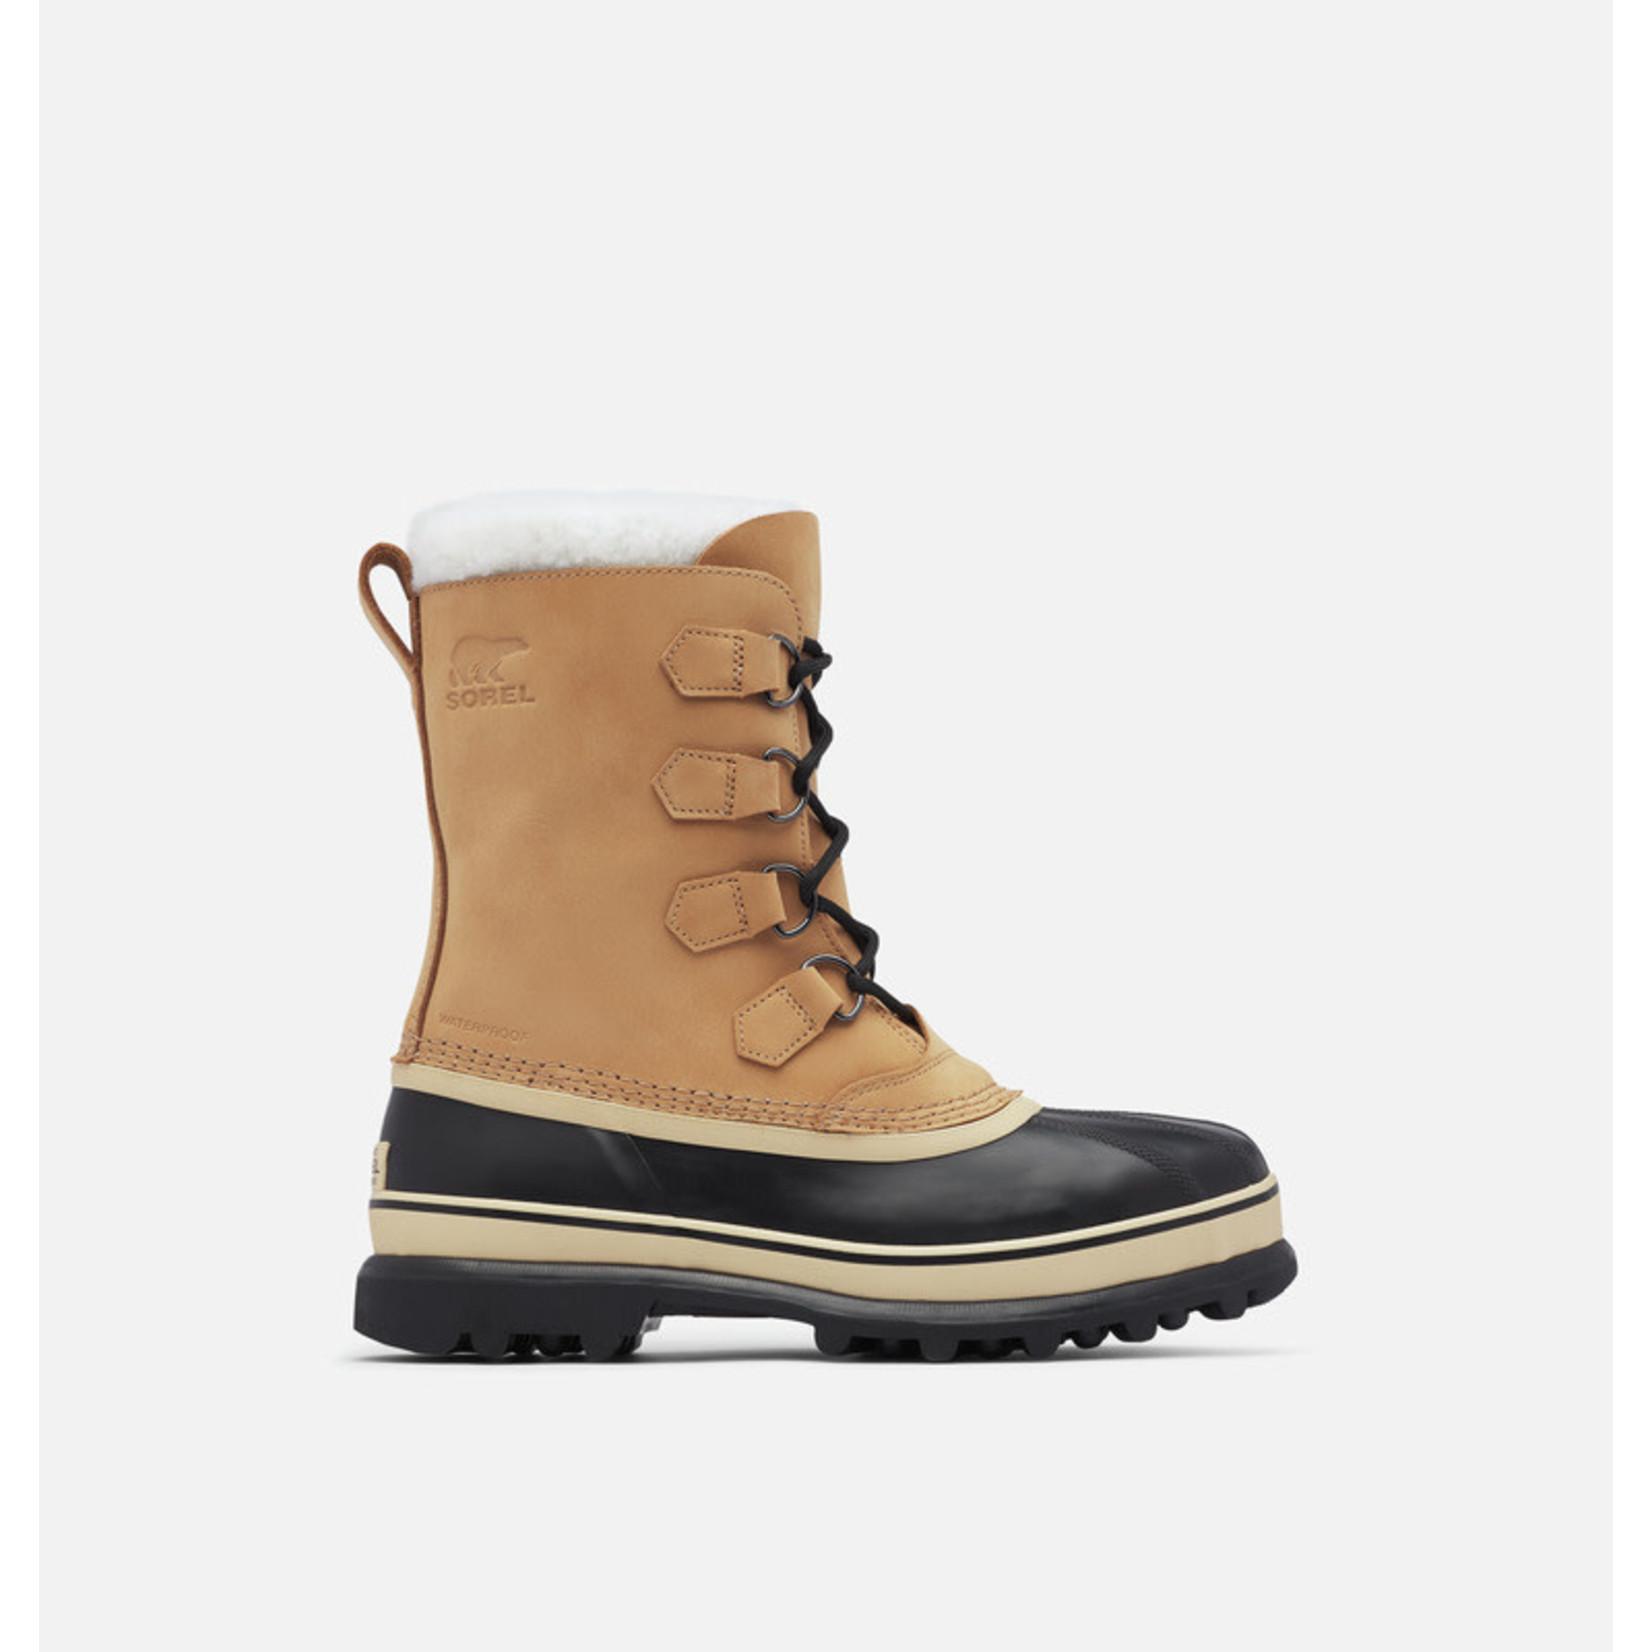 Sorel Sorel Boots, Caribou WP, Mens